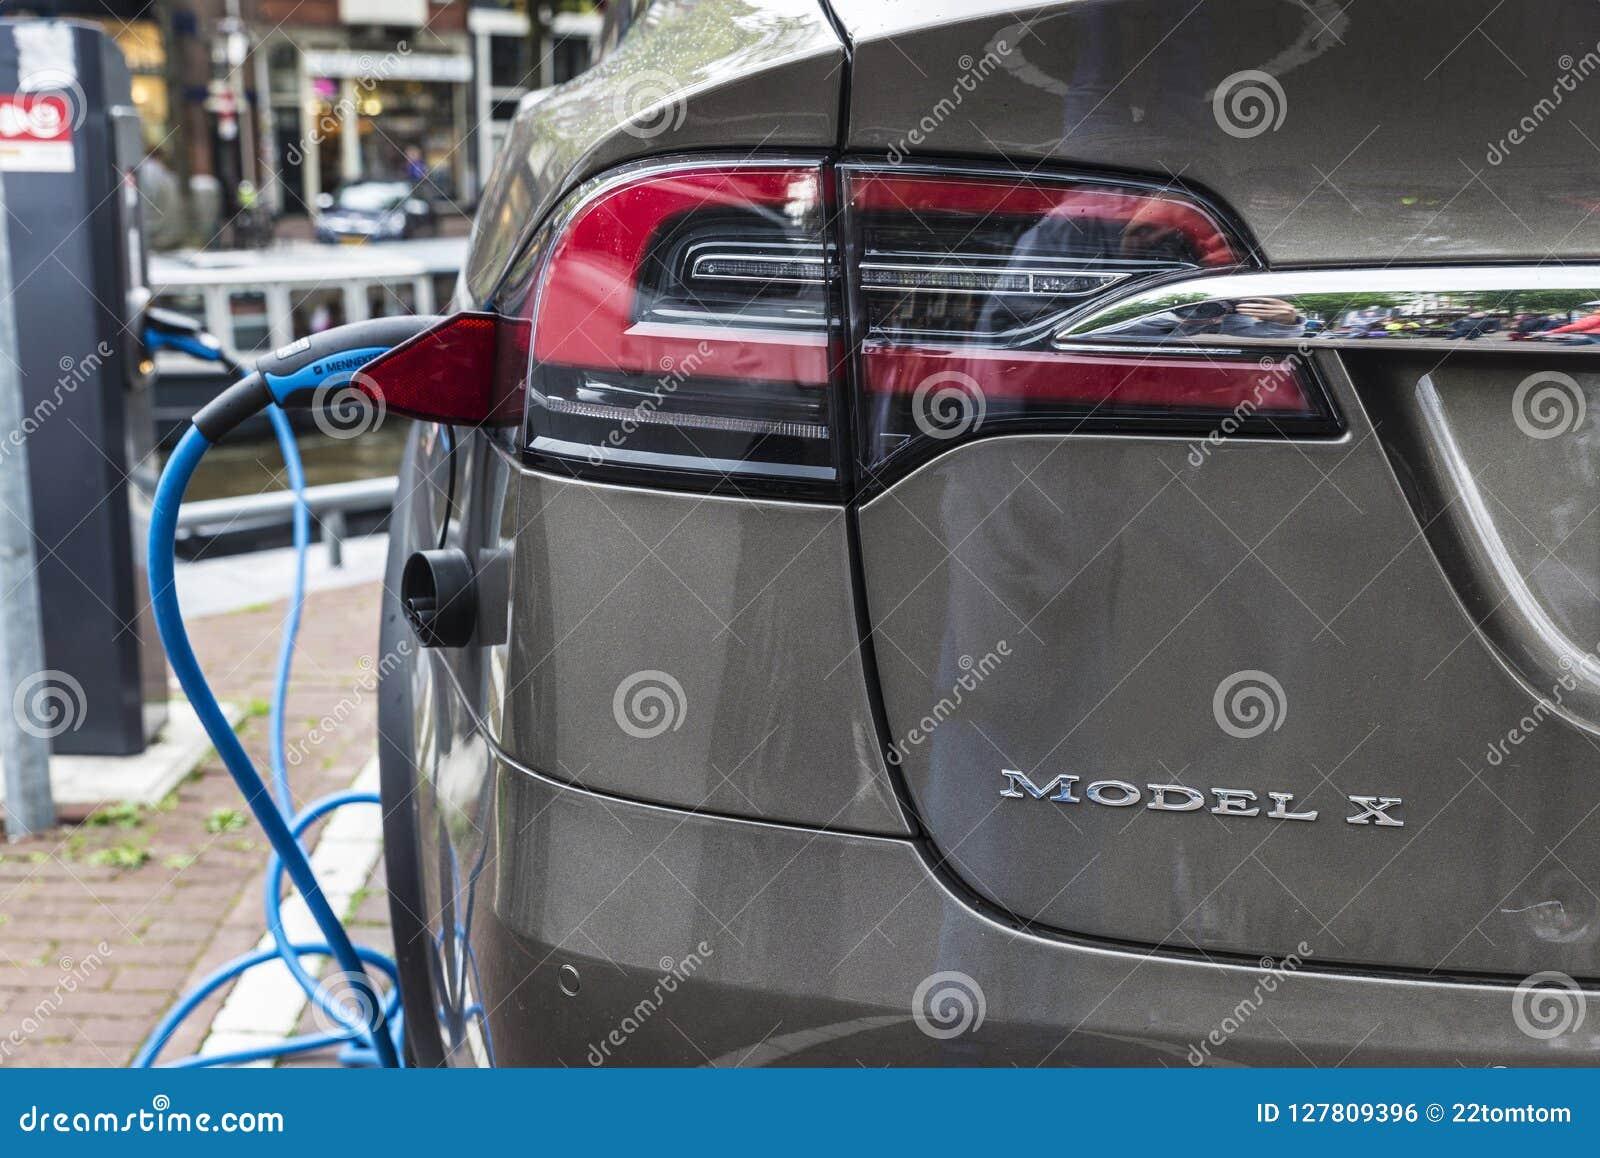 Elektrische Auto Tesla Modeldiex In Een Krachtcentrale Wordt Gestopt